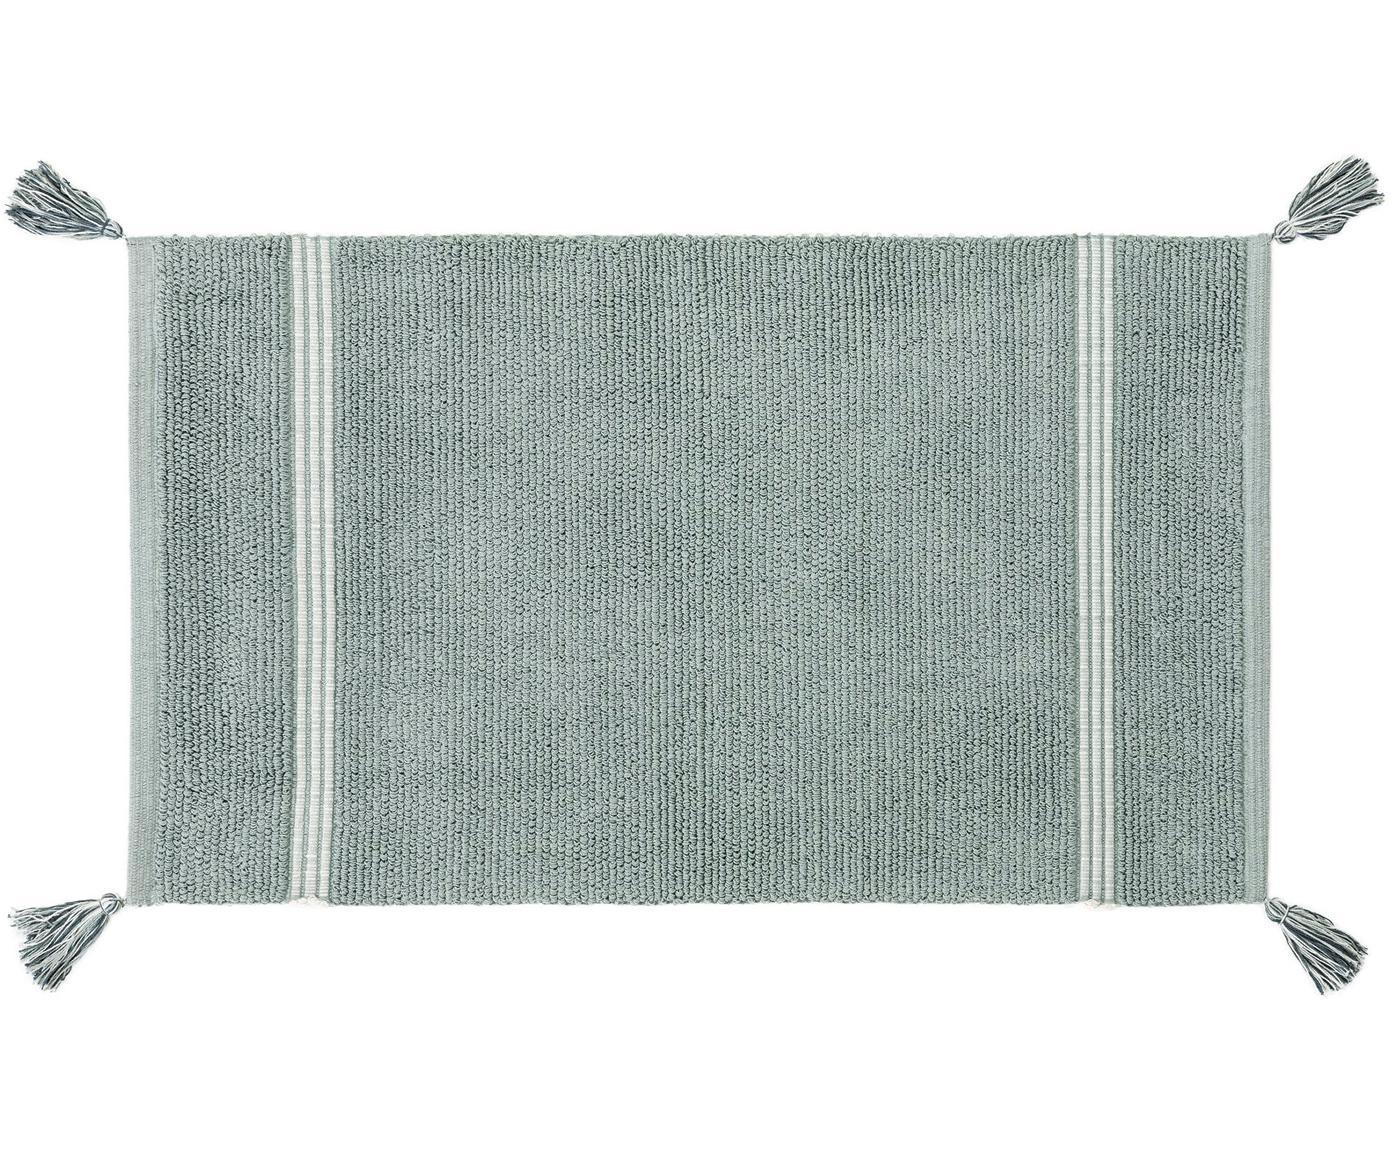 Alfombrilla de baño con borlas Dust, 100%algodón, Verde menta, An 50 x L 85 cm